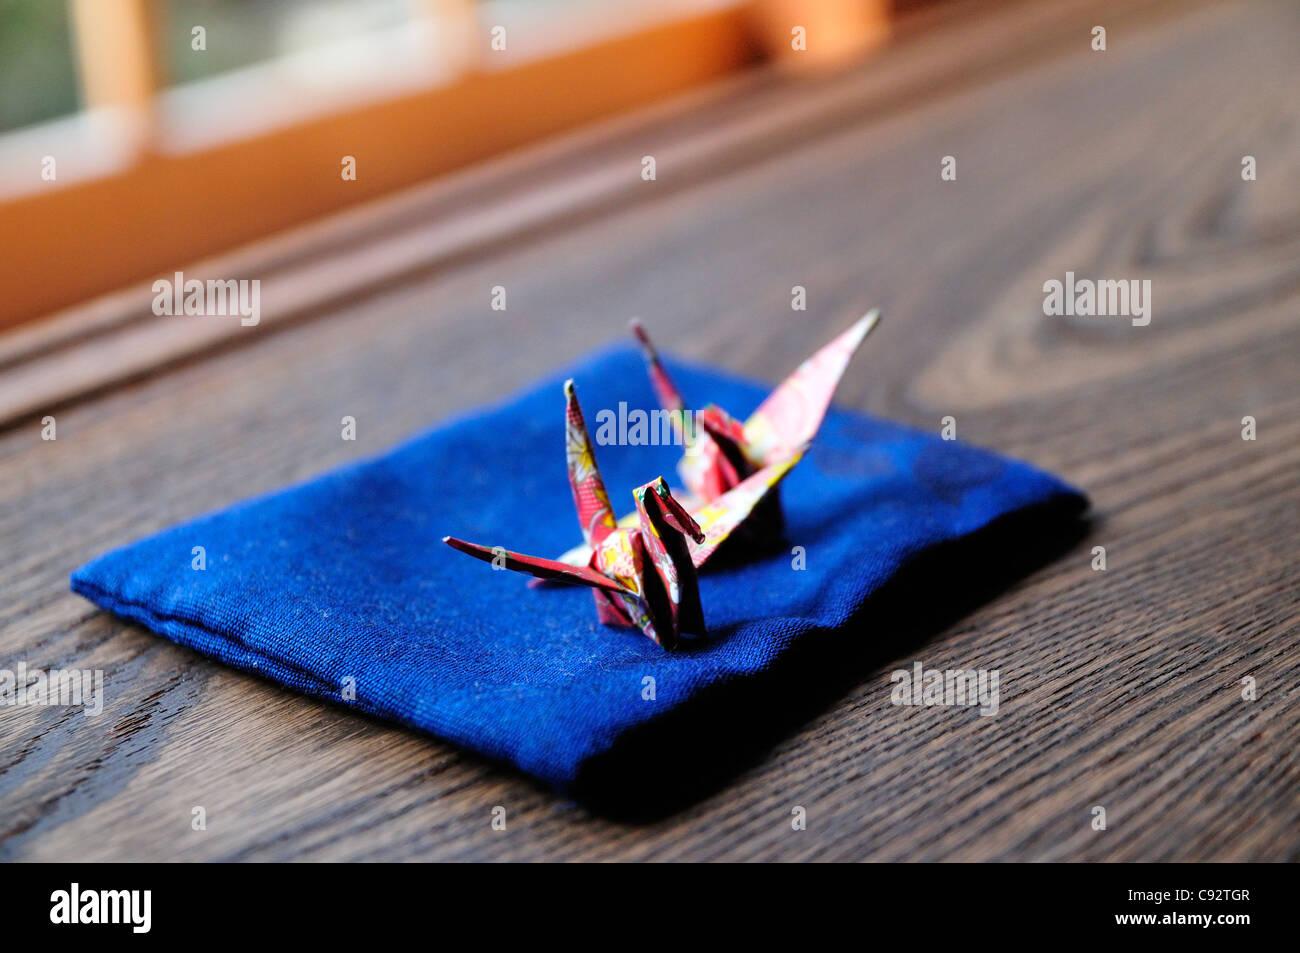 Ein gefaltetes Papier Kran ist ein traditionelles Beispiel der japanischen Kultur. Stockbild